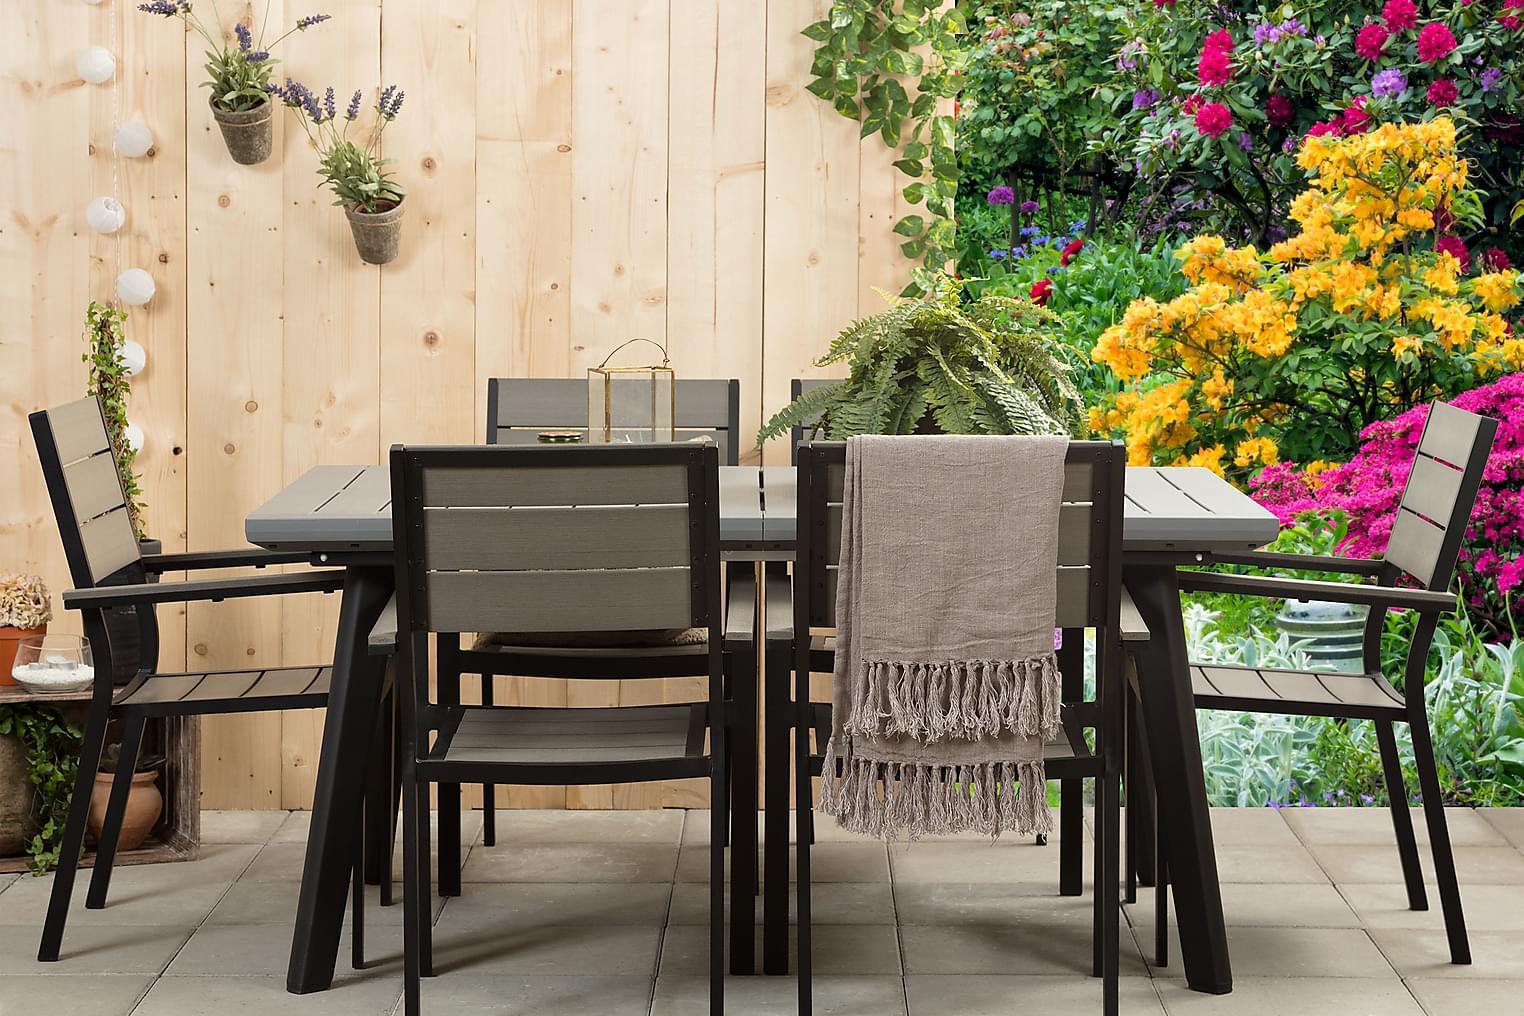 BILBAO Pöytä 162 + 6 LAPAZ Pinottavaa tuolia Musta/Harmaa